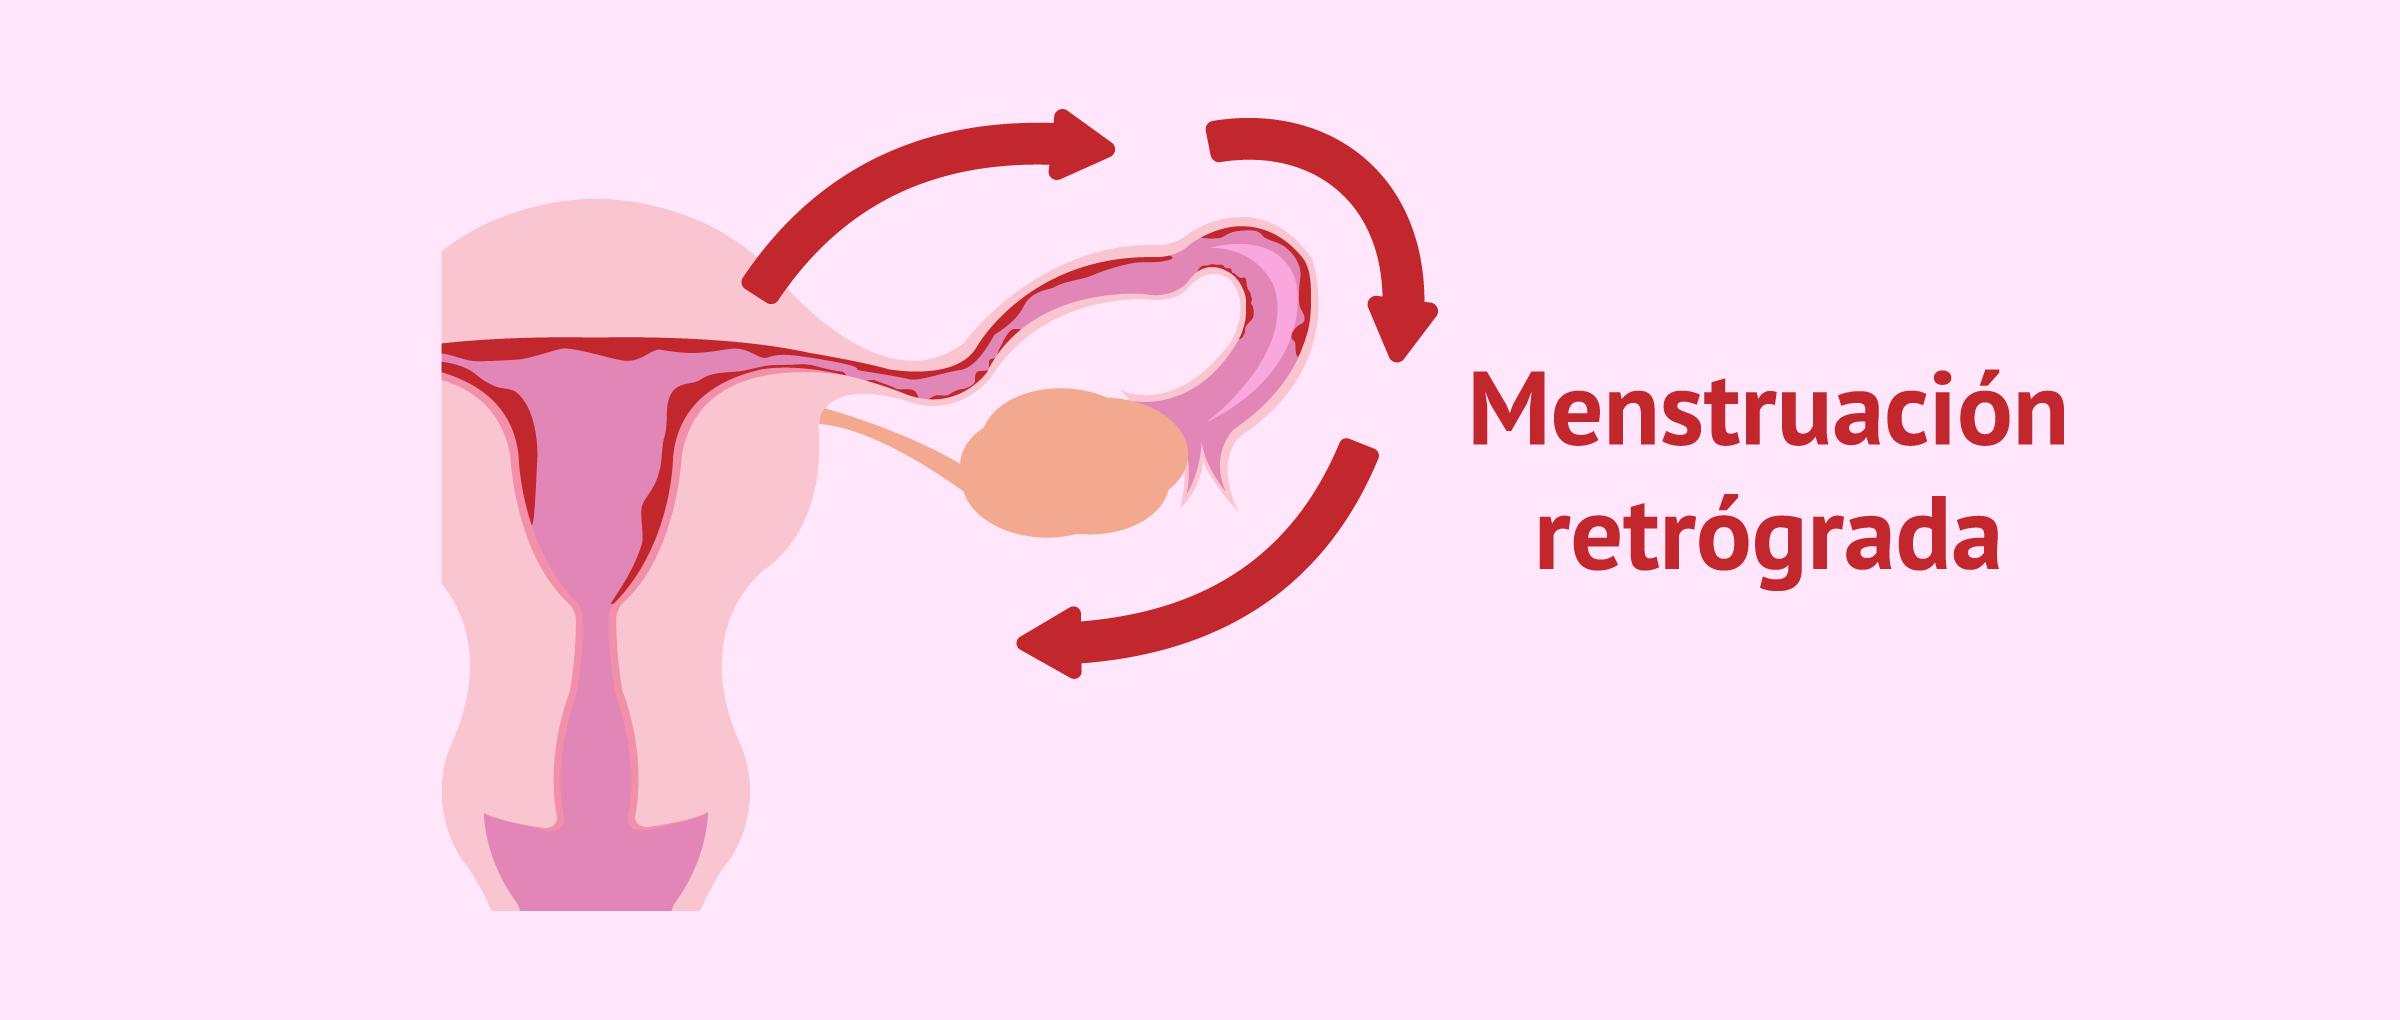 Menstruación retrógrada